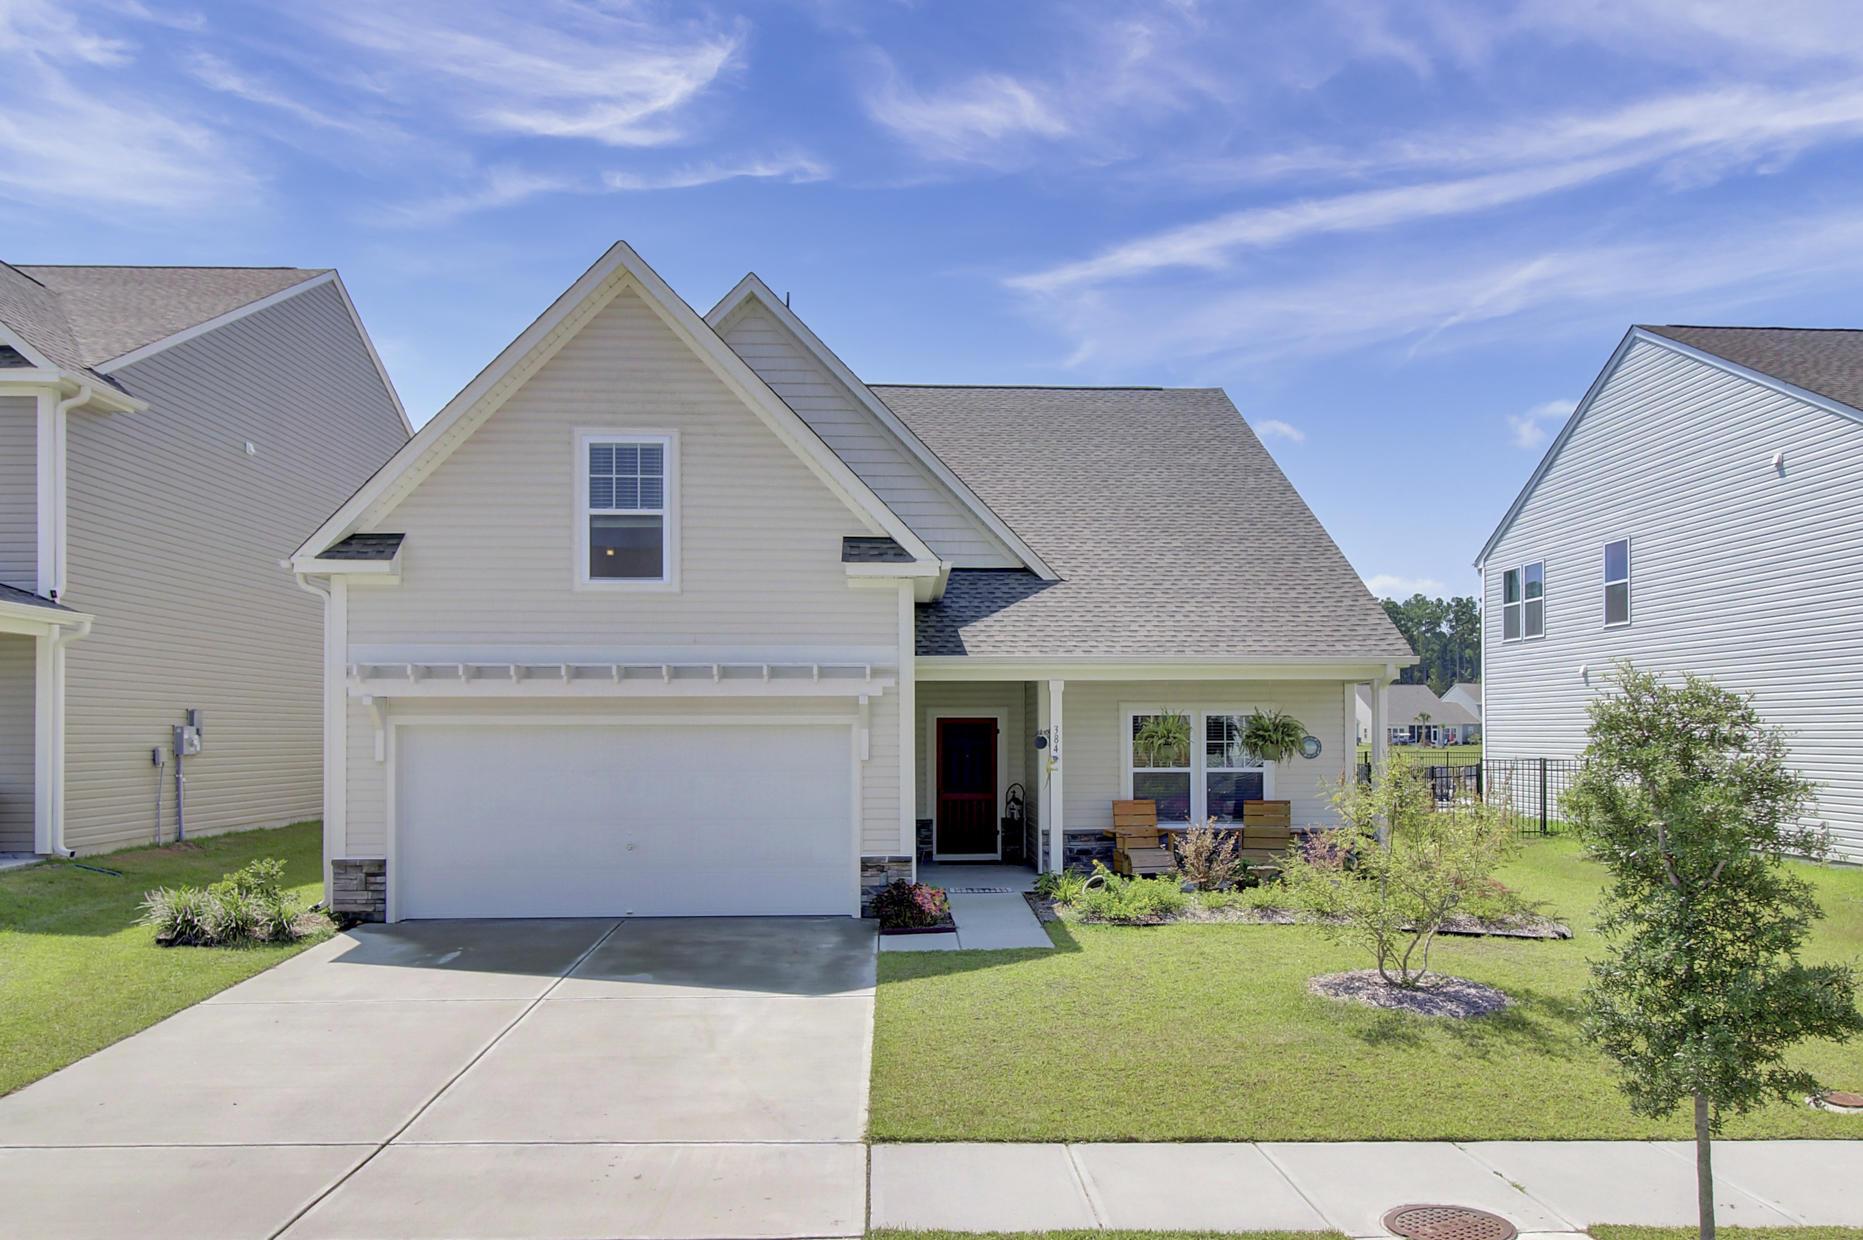 North Creek Village Homes For Sale - 384 Dunlin, Summerville, SC - 47